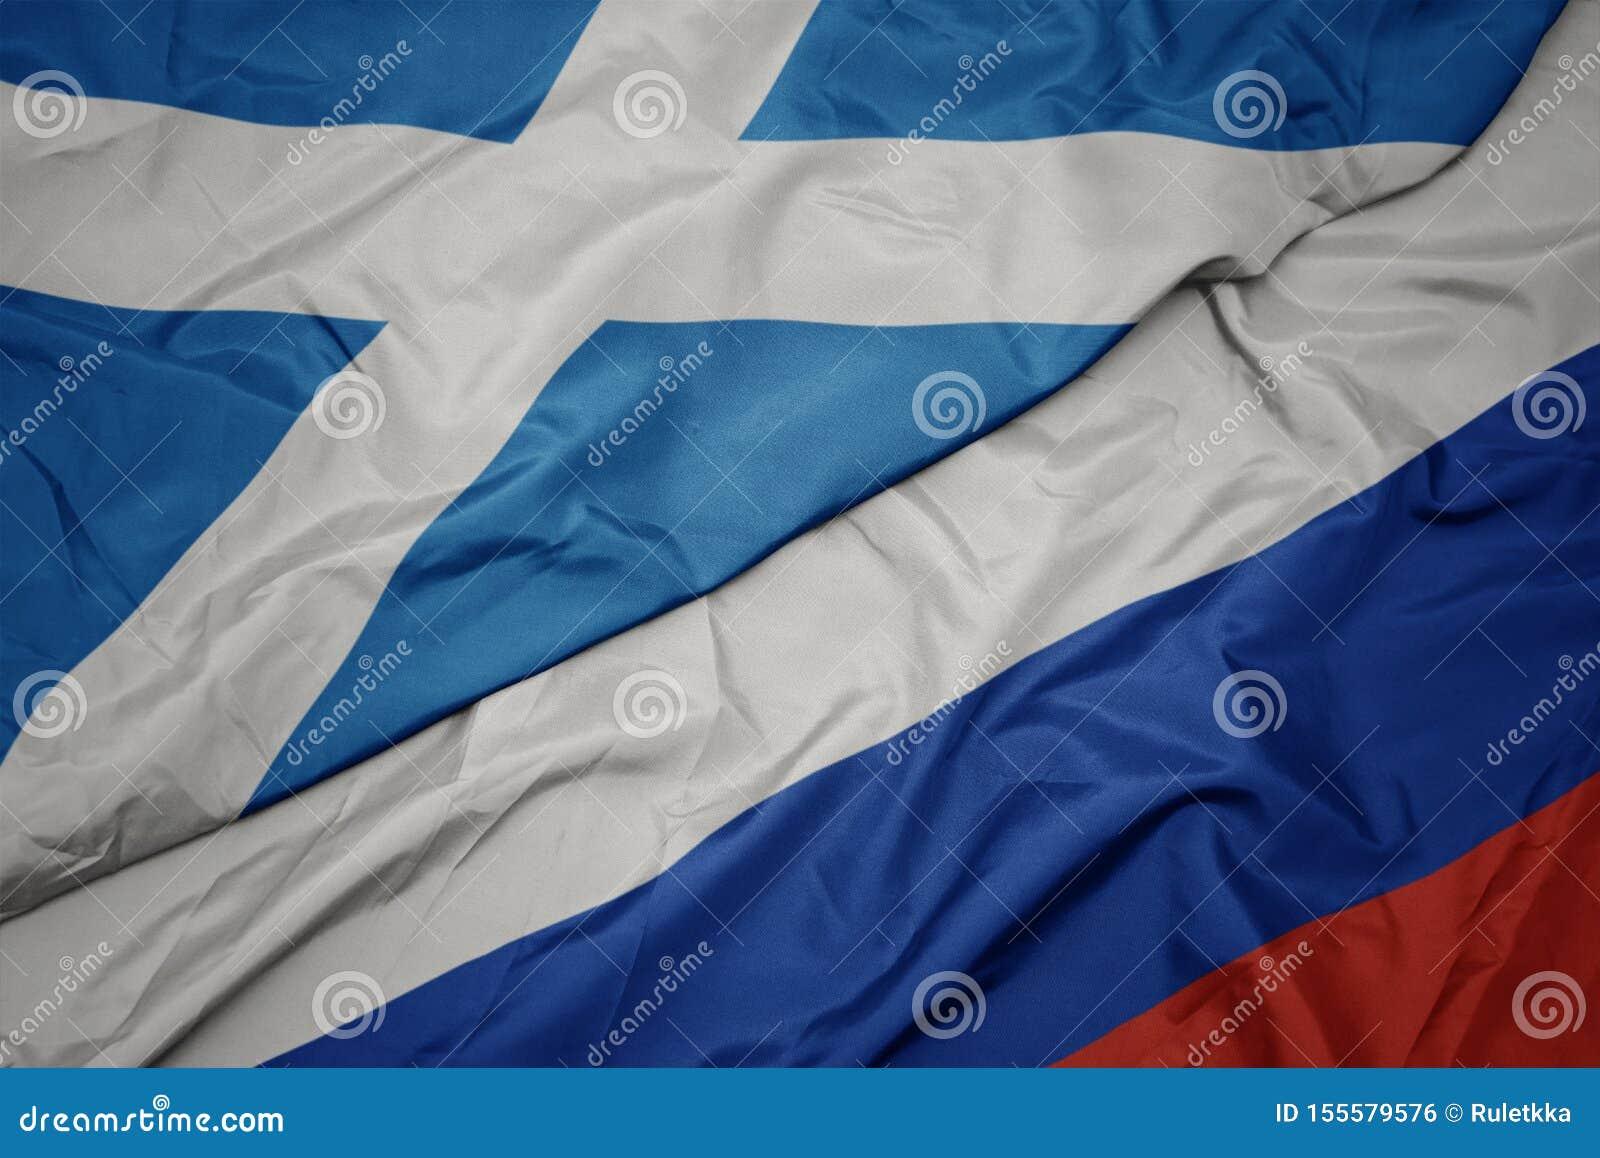 развевая красочный флаг России и национальный флаг Шотландии